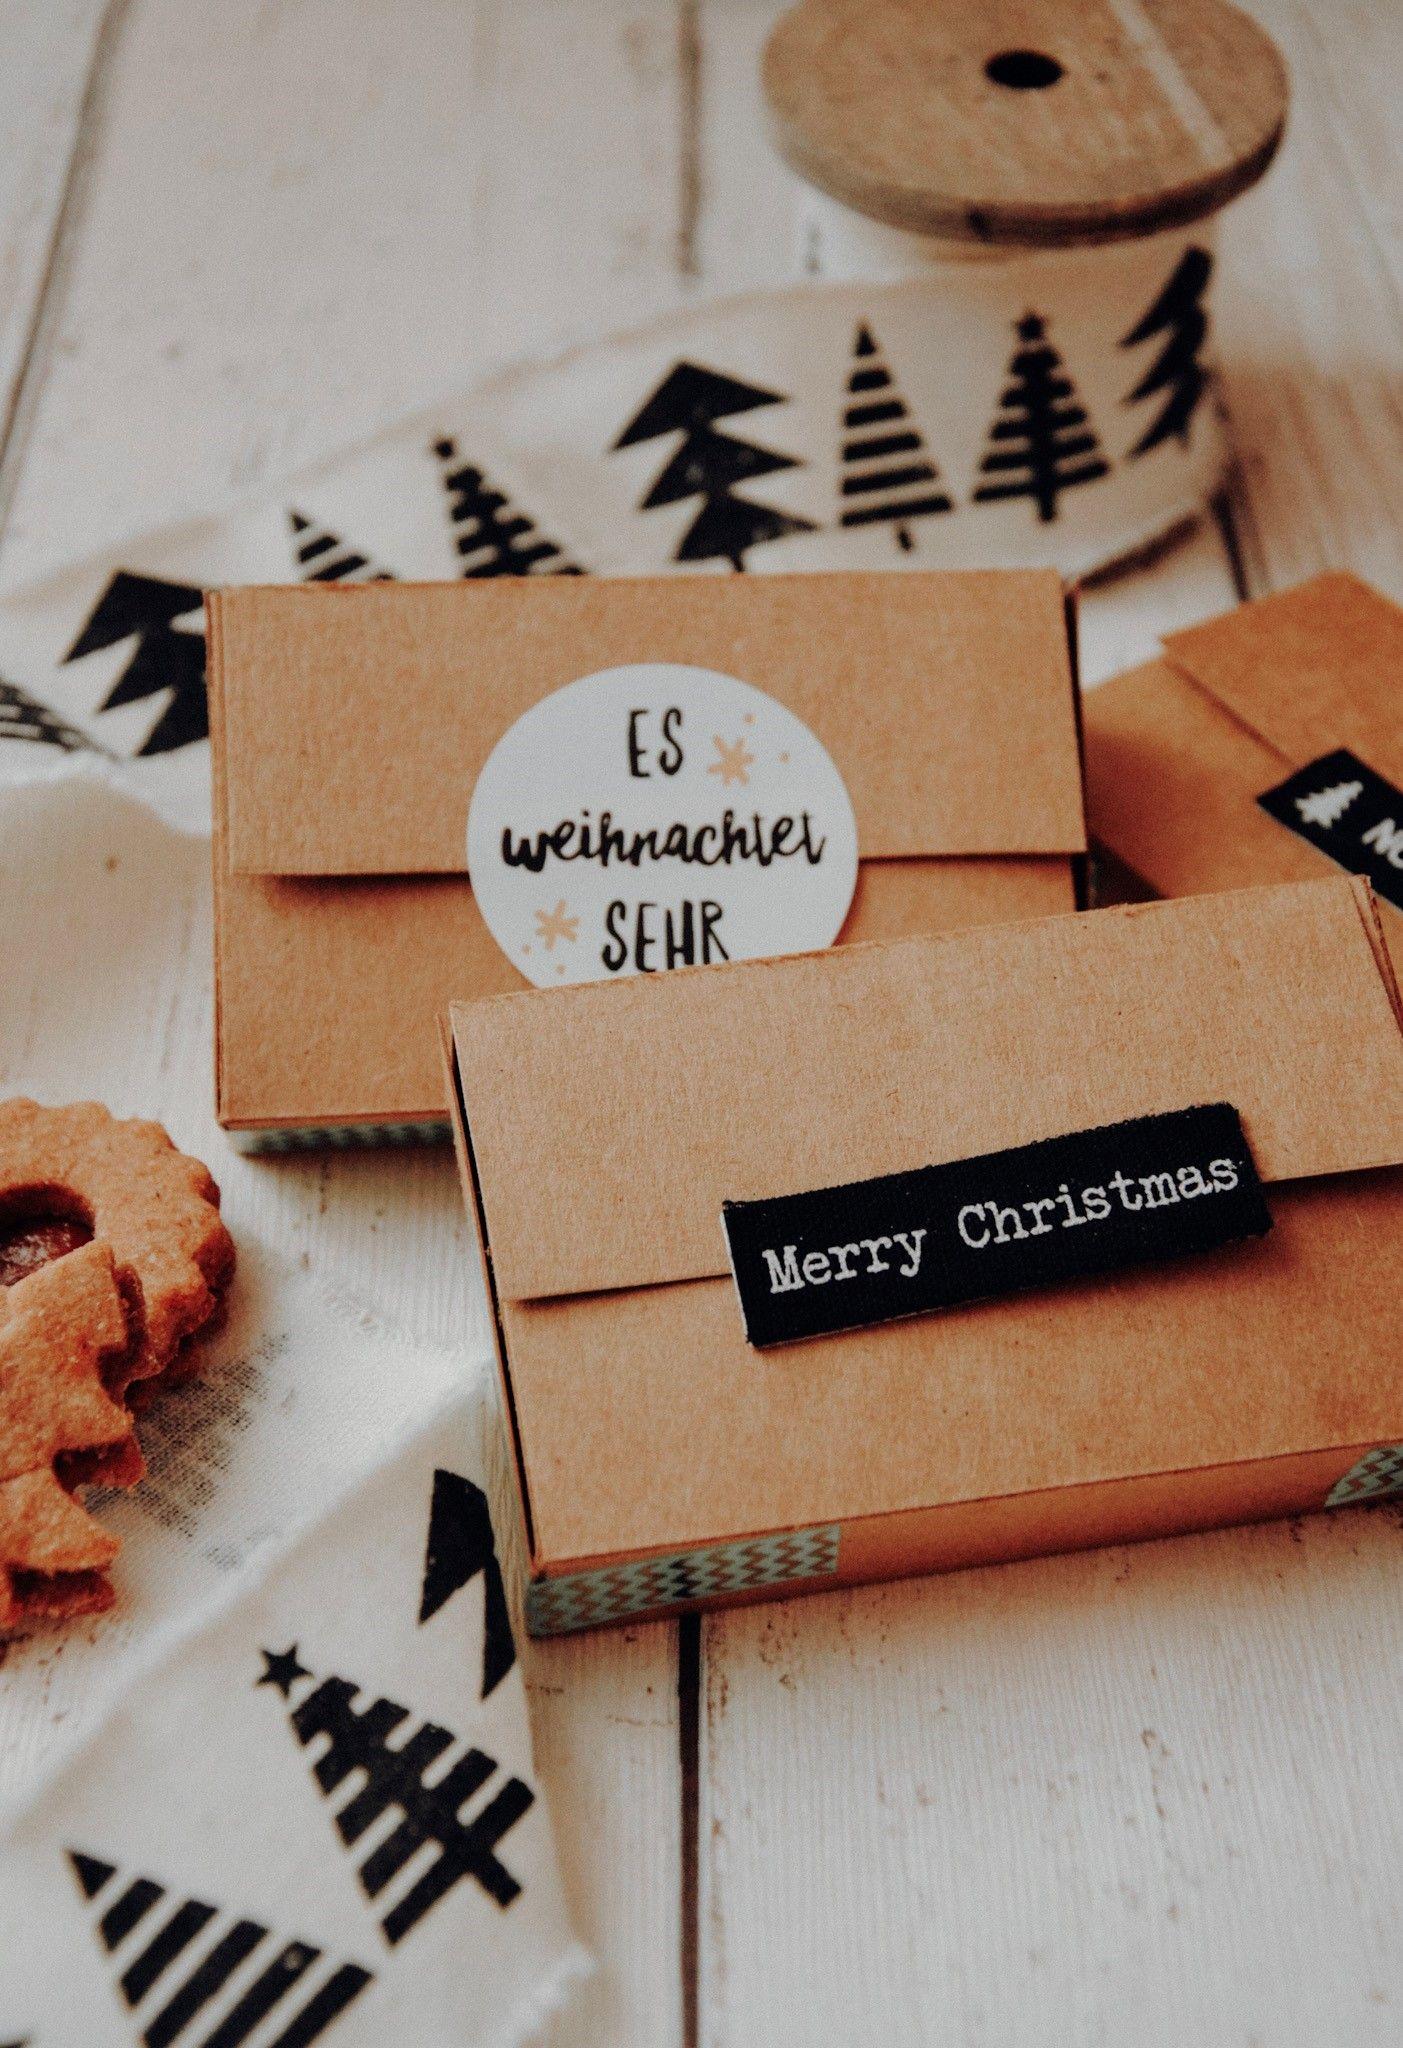 Weihnachtsboxen - kleine Geschenkverpackung - Fanelia